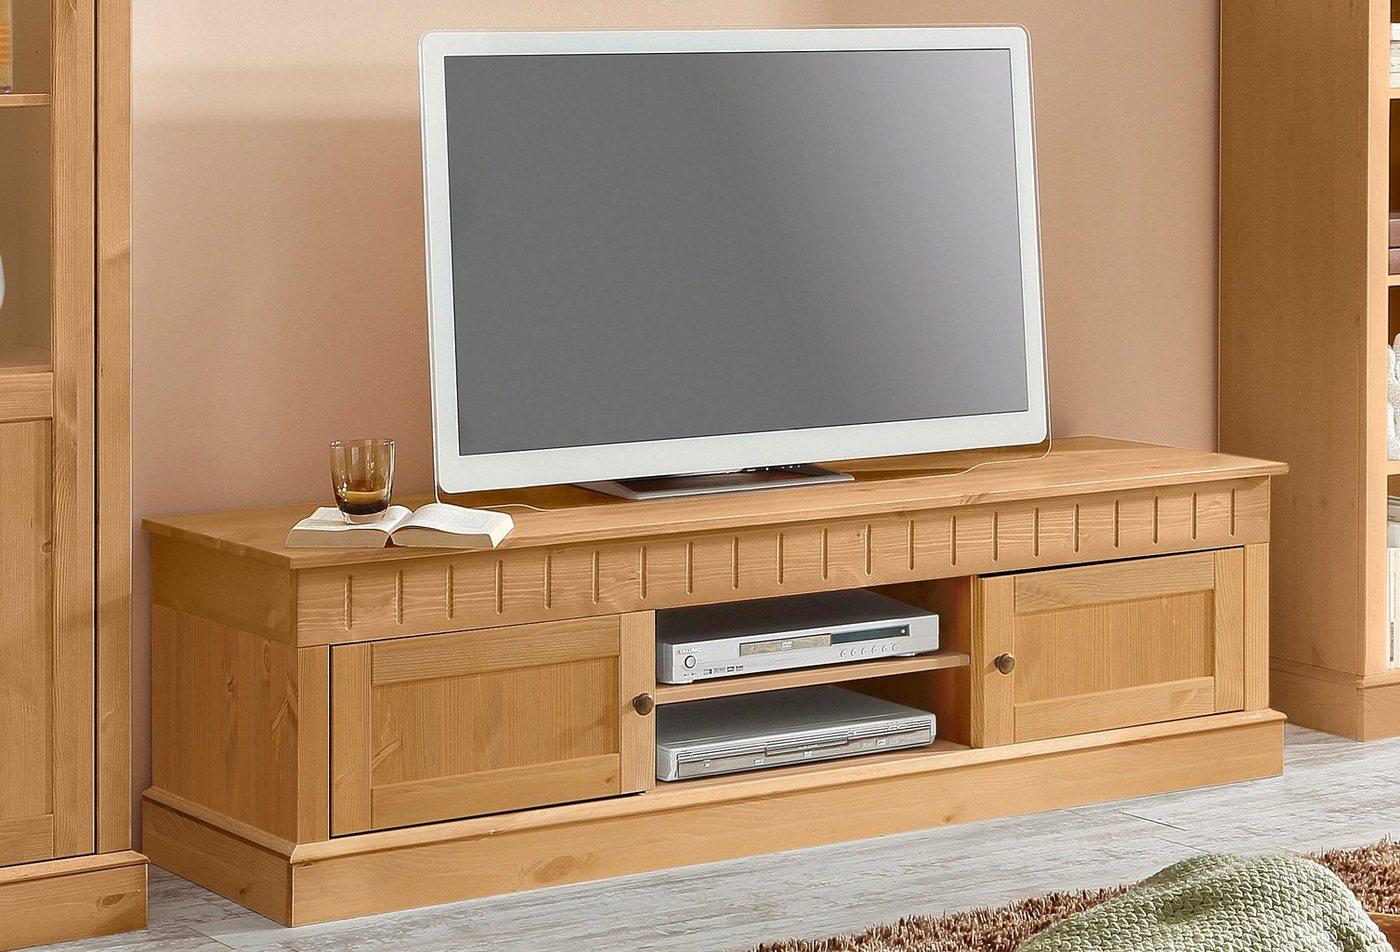 HOME AFFAIRE TV-meubel Maddy, breedte 160 cm